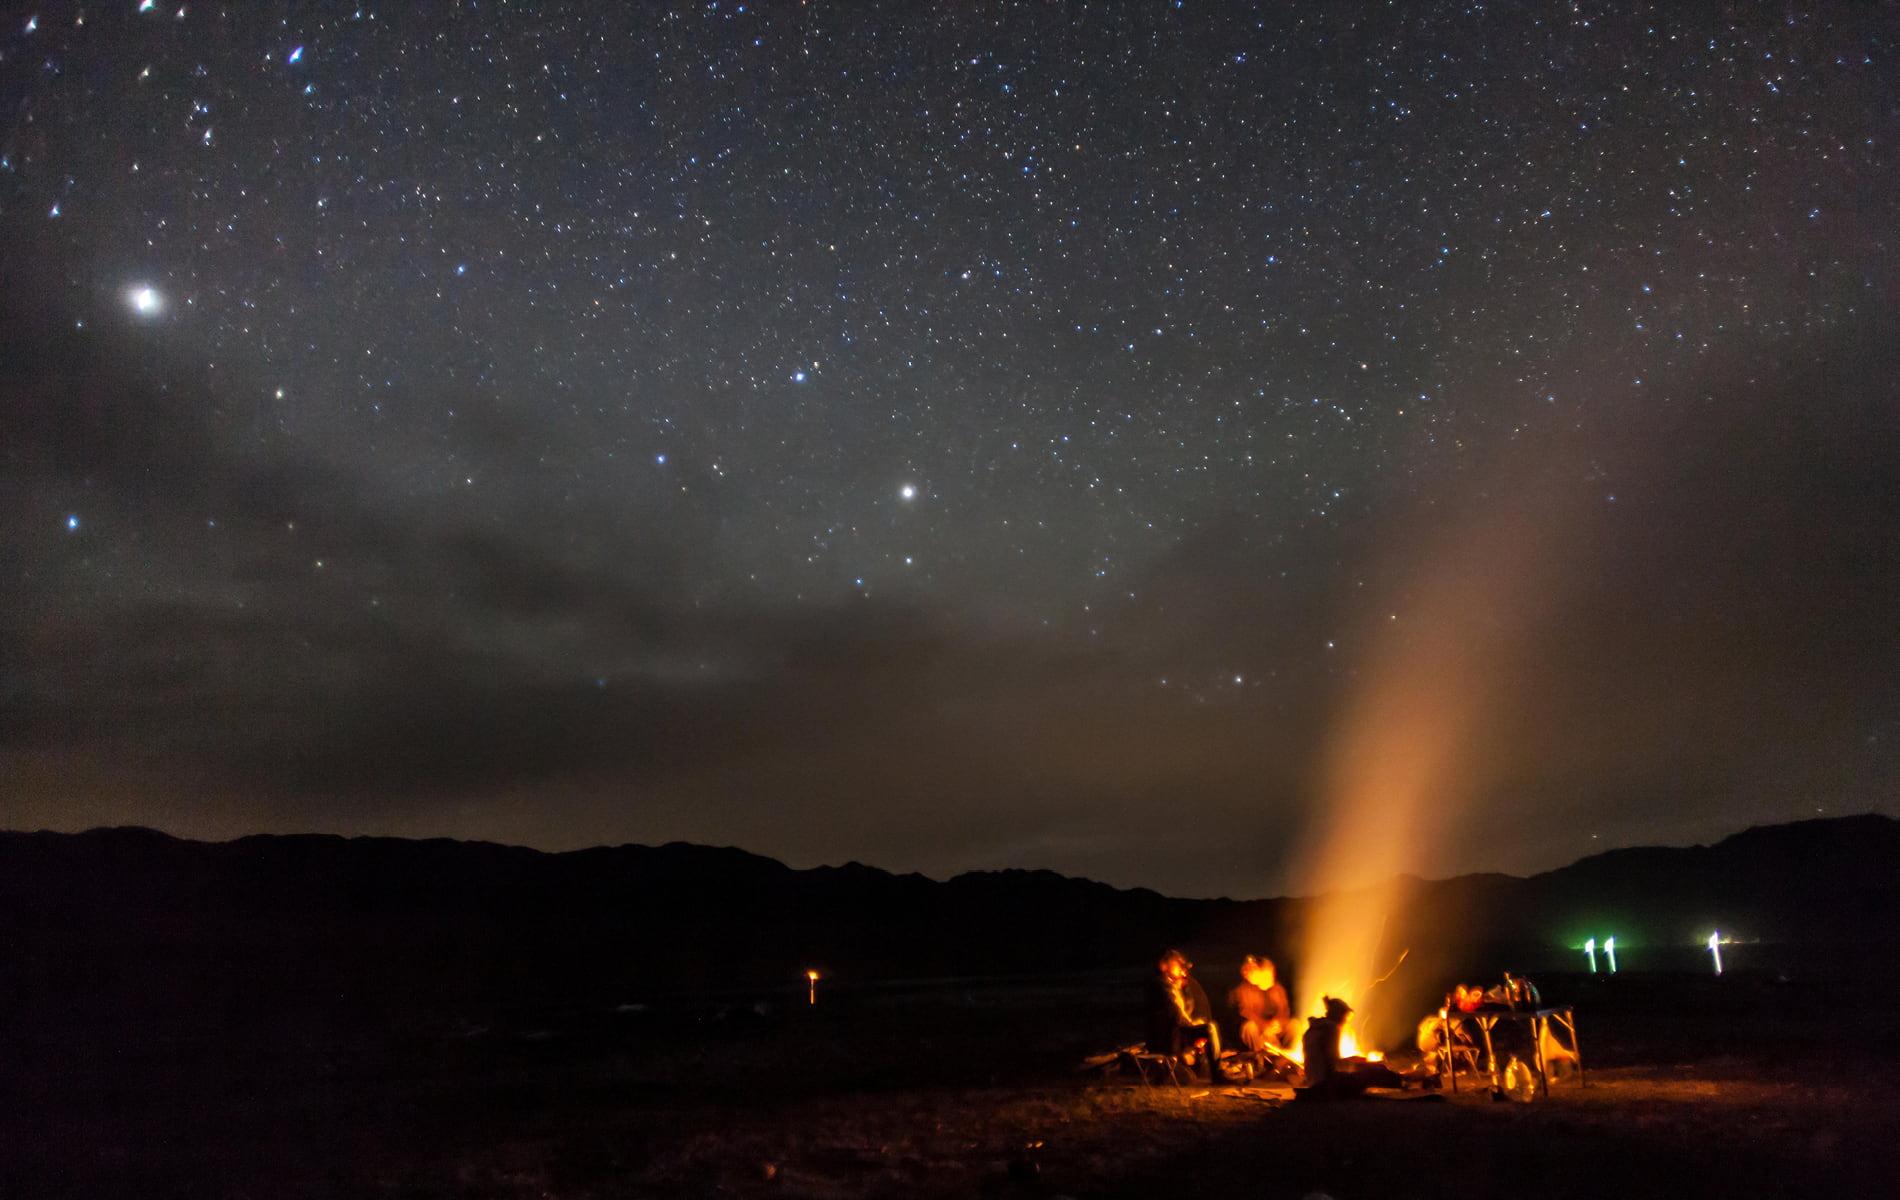 Lagerfeuer unter sternenklarem Himmel - Digital Detox